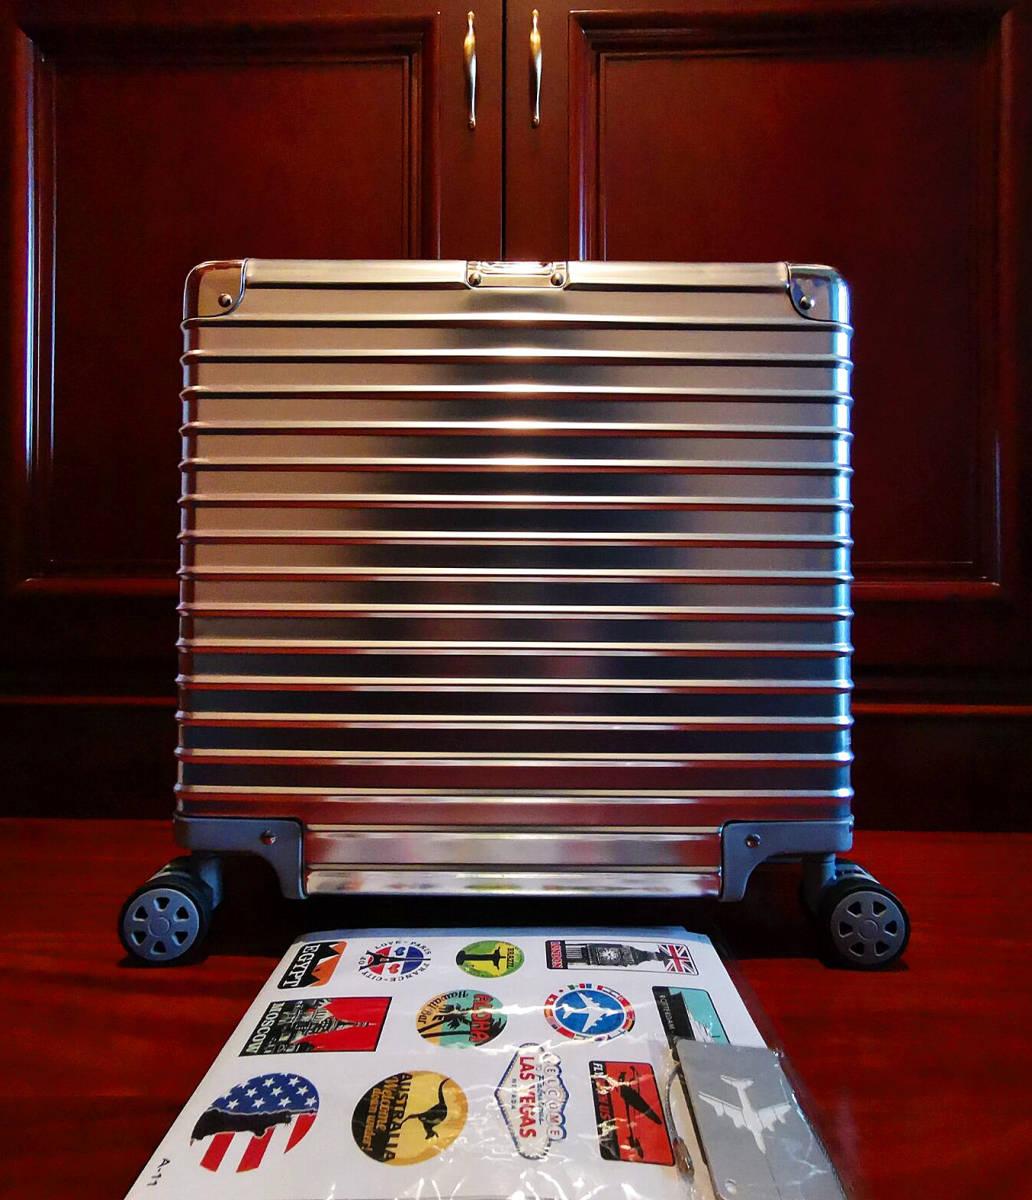 最高品質※EU基準・定価10万円※オールアルミマグネシウム合金製・軽量/静音・TSAロック搭載スーツケース※機内持ち込可 /限定ステッカー付_画像2